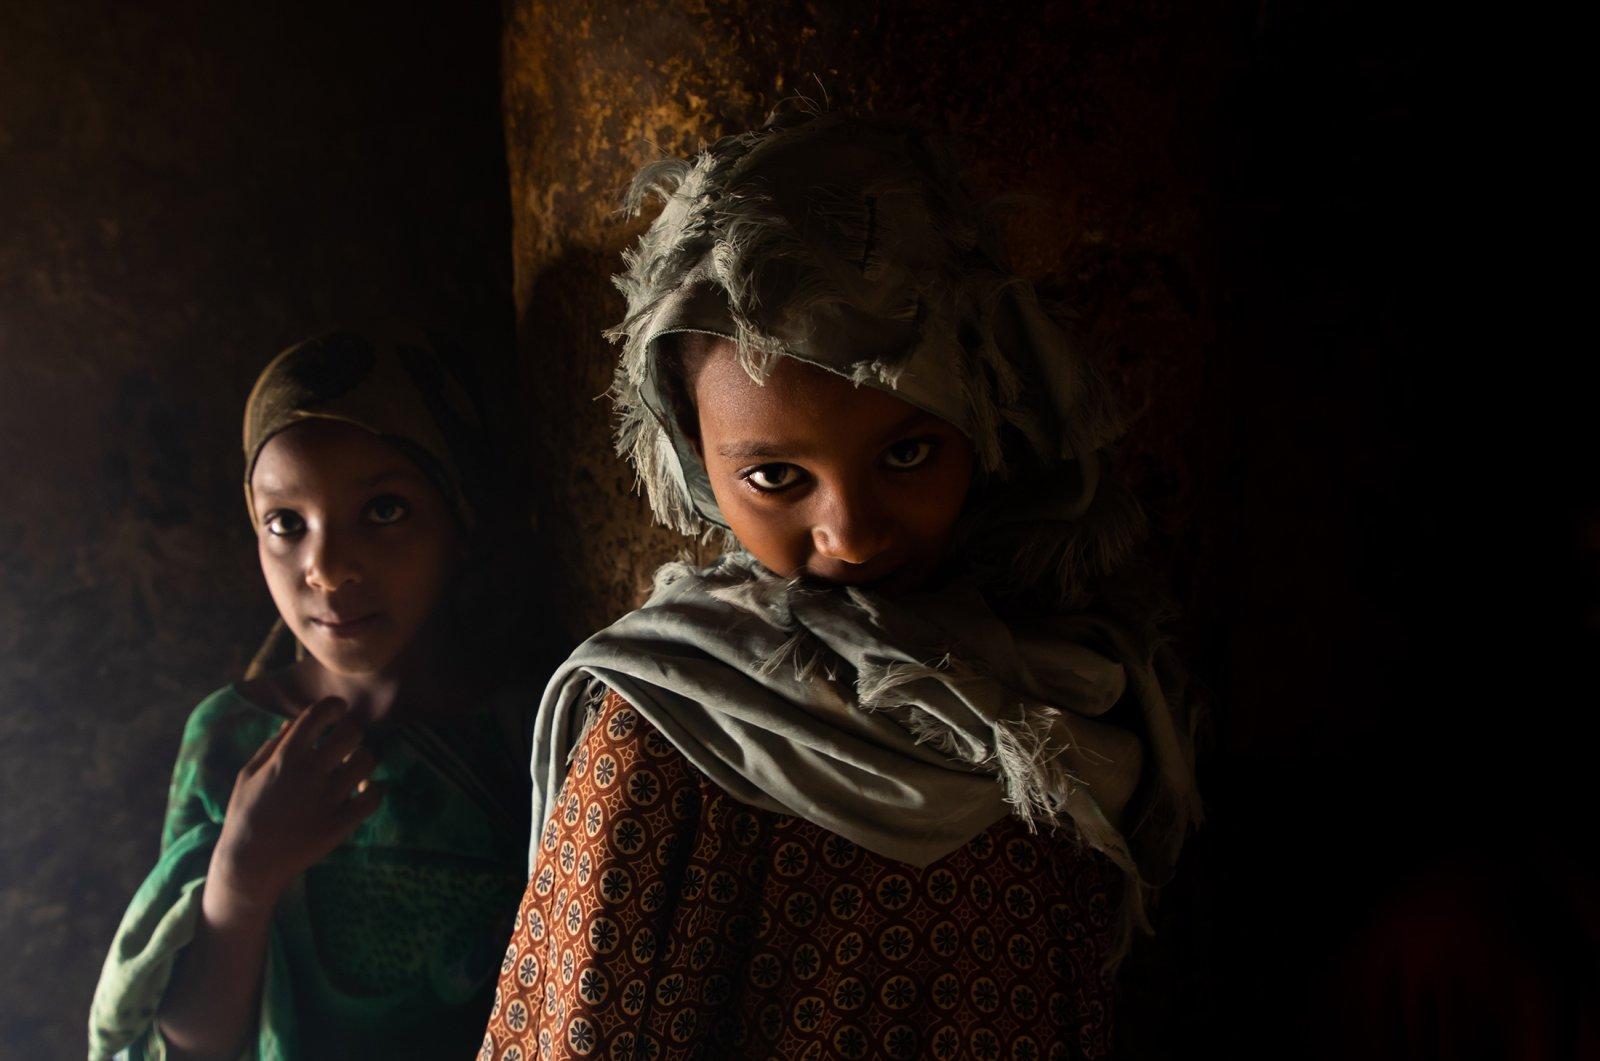 Oromo pilgrim girls inside the shrine of sufi Sheikh Hussein , Oromia, Sheik Hussein, Ethiopia on Aug. 10, 2019. (Getty Images)